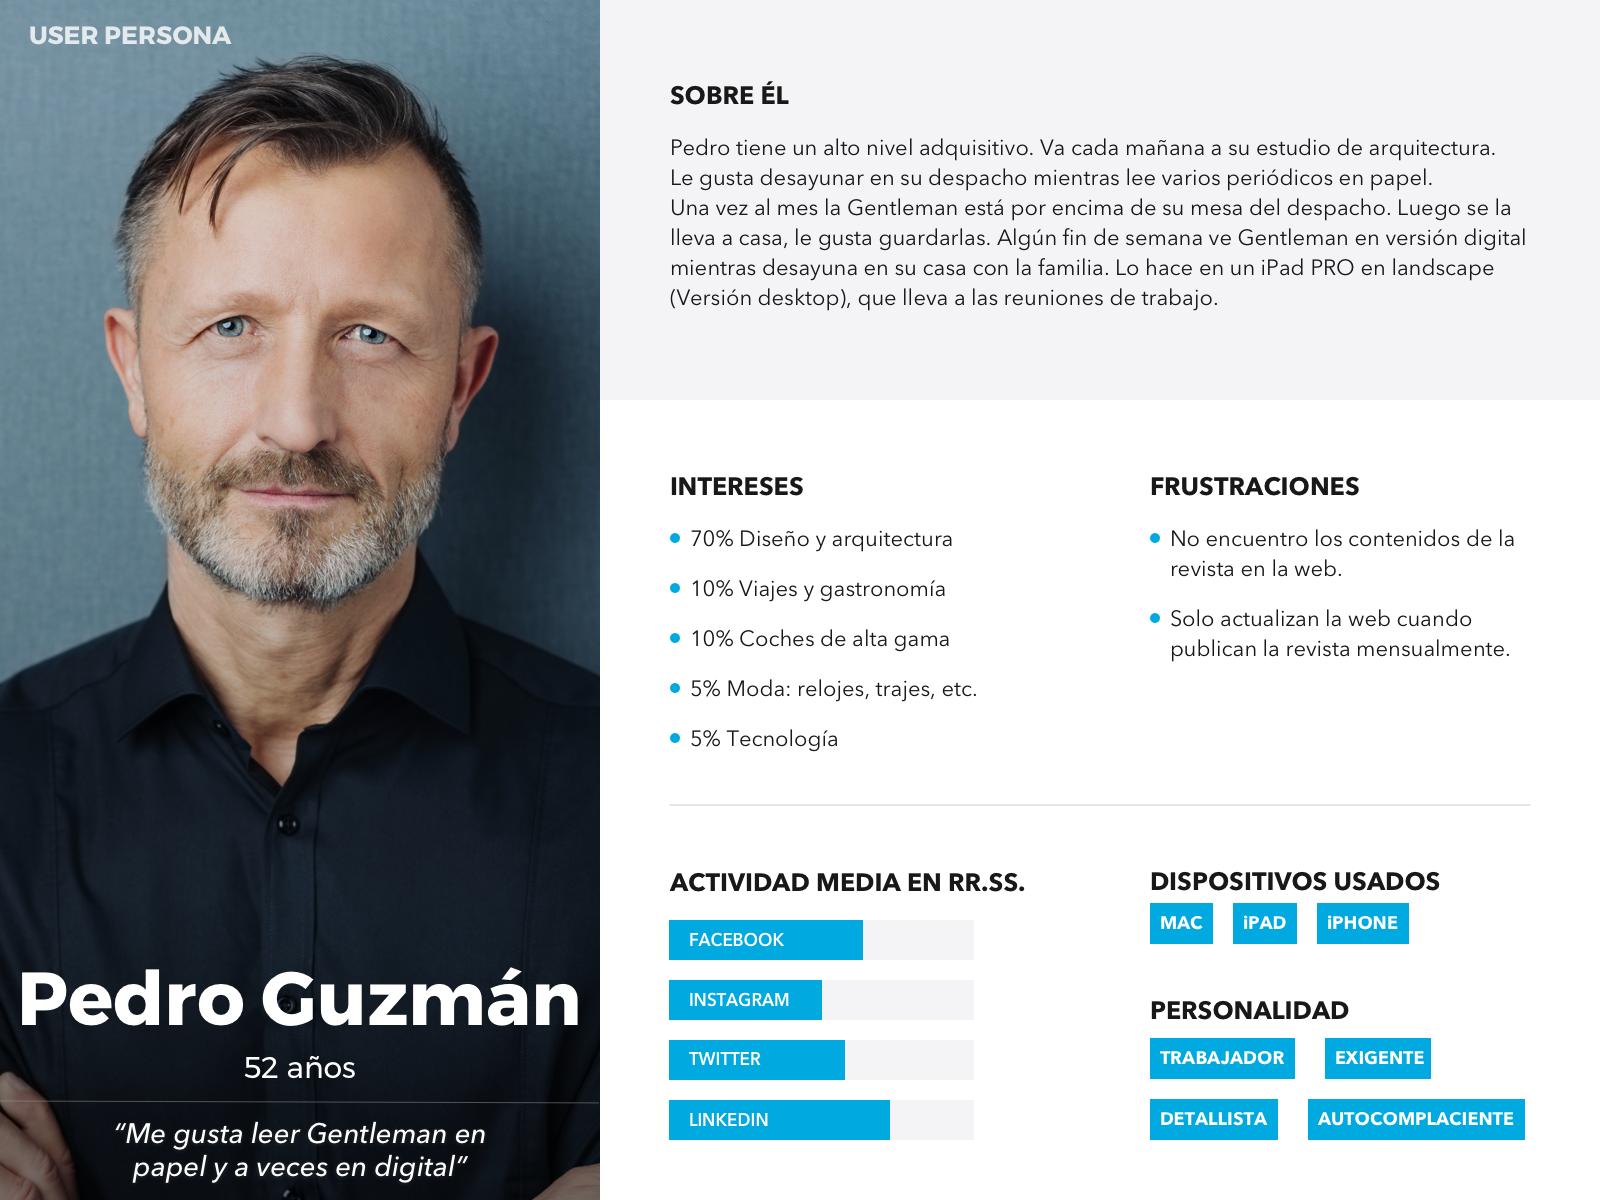 UX Persona de Pedro Guzmán para Gentleman